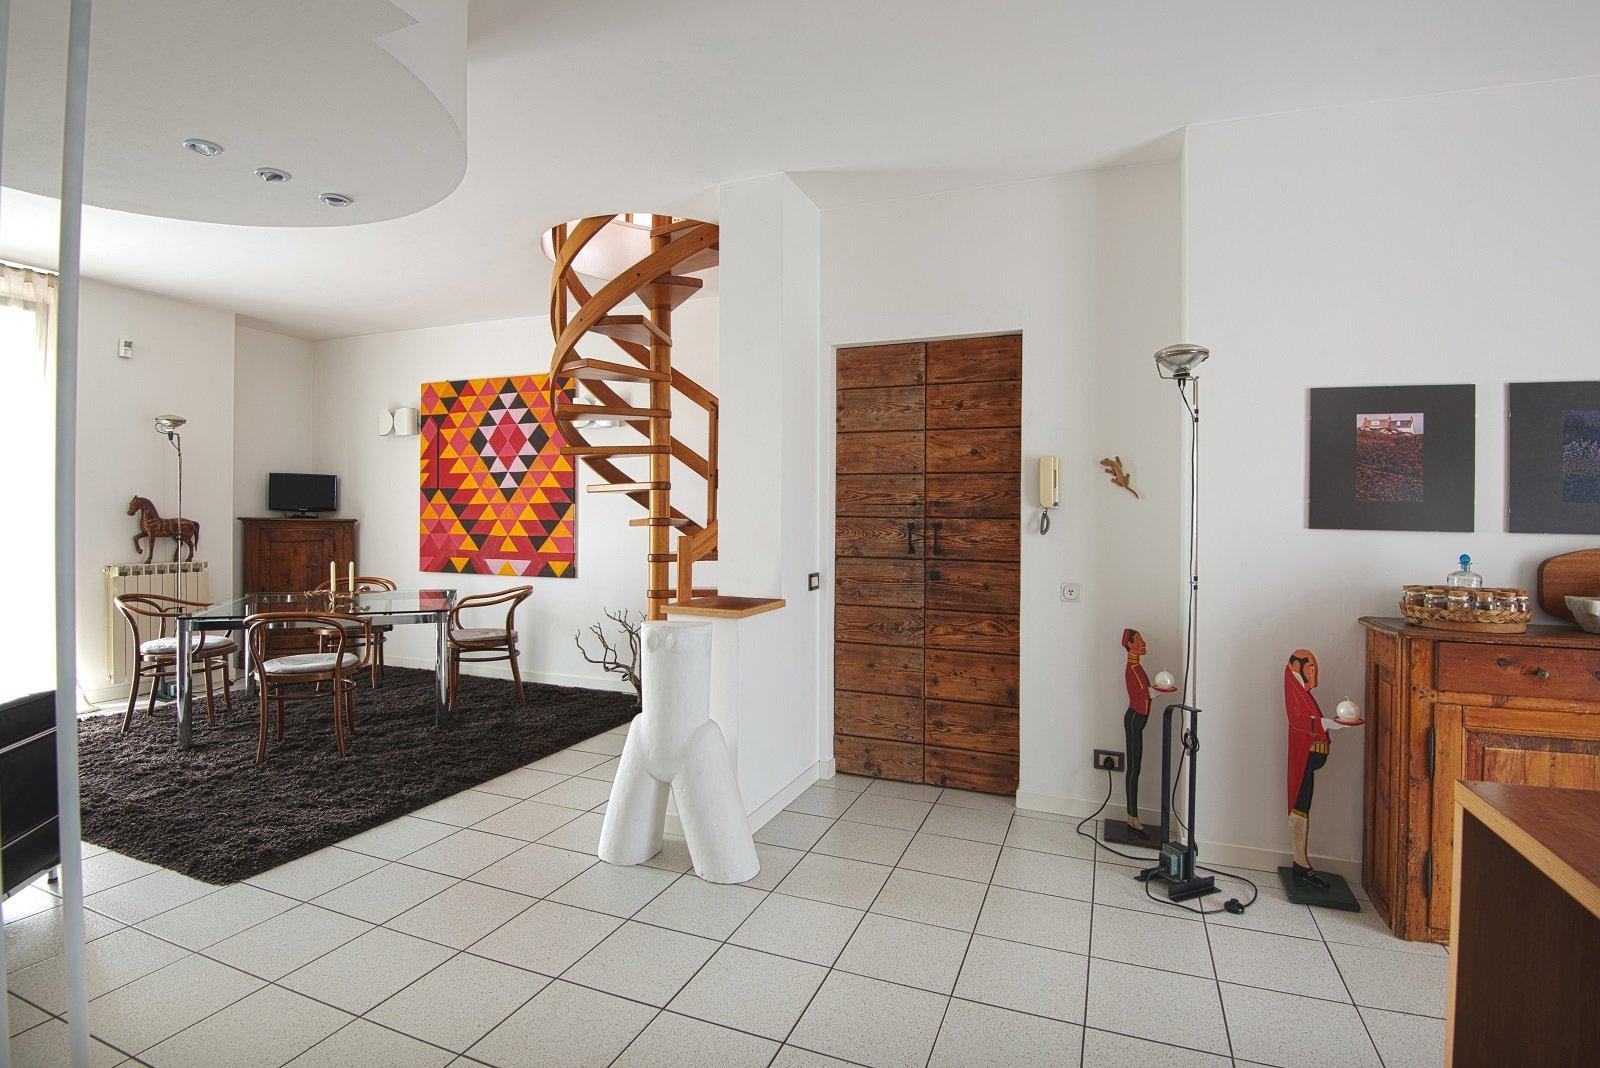 Pareti e soffitto bianchi per un effetto di maggiore for Sala di piani quadrati a chiocciola